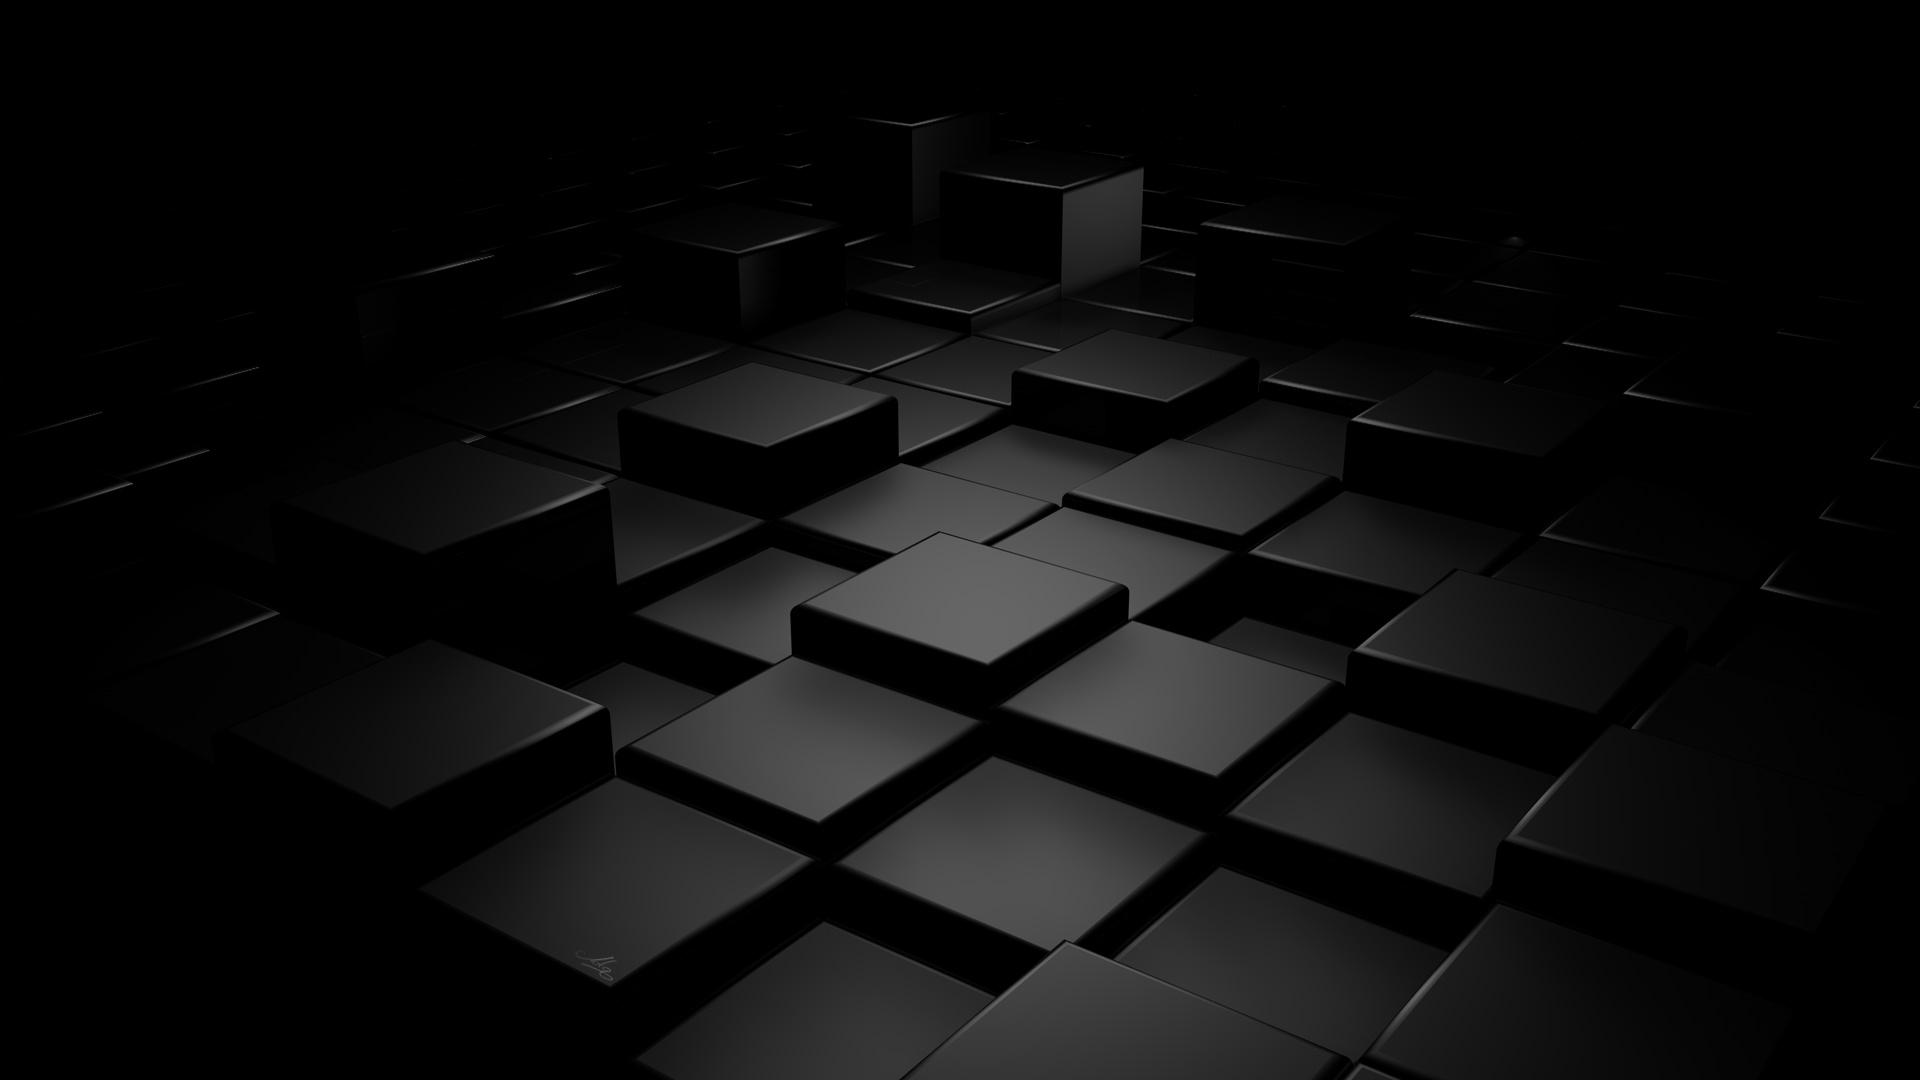 Black-Background-Images-14